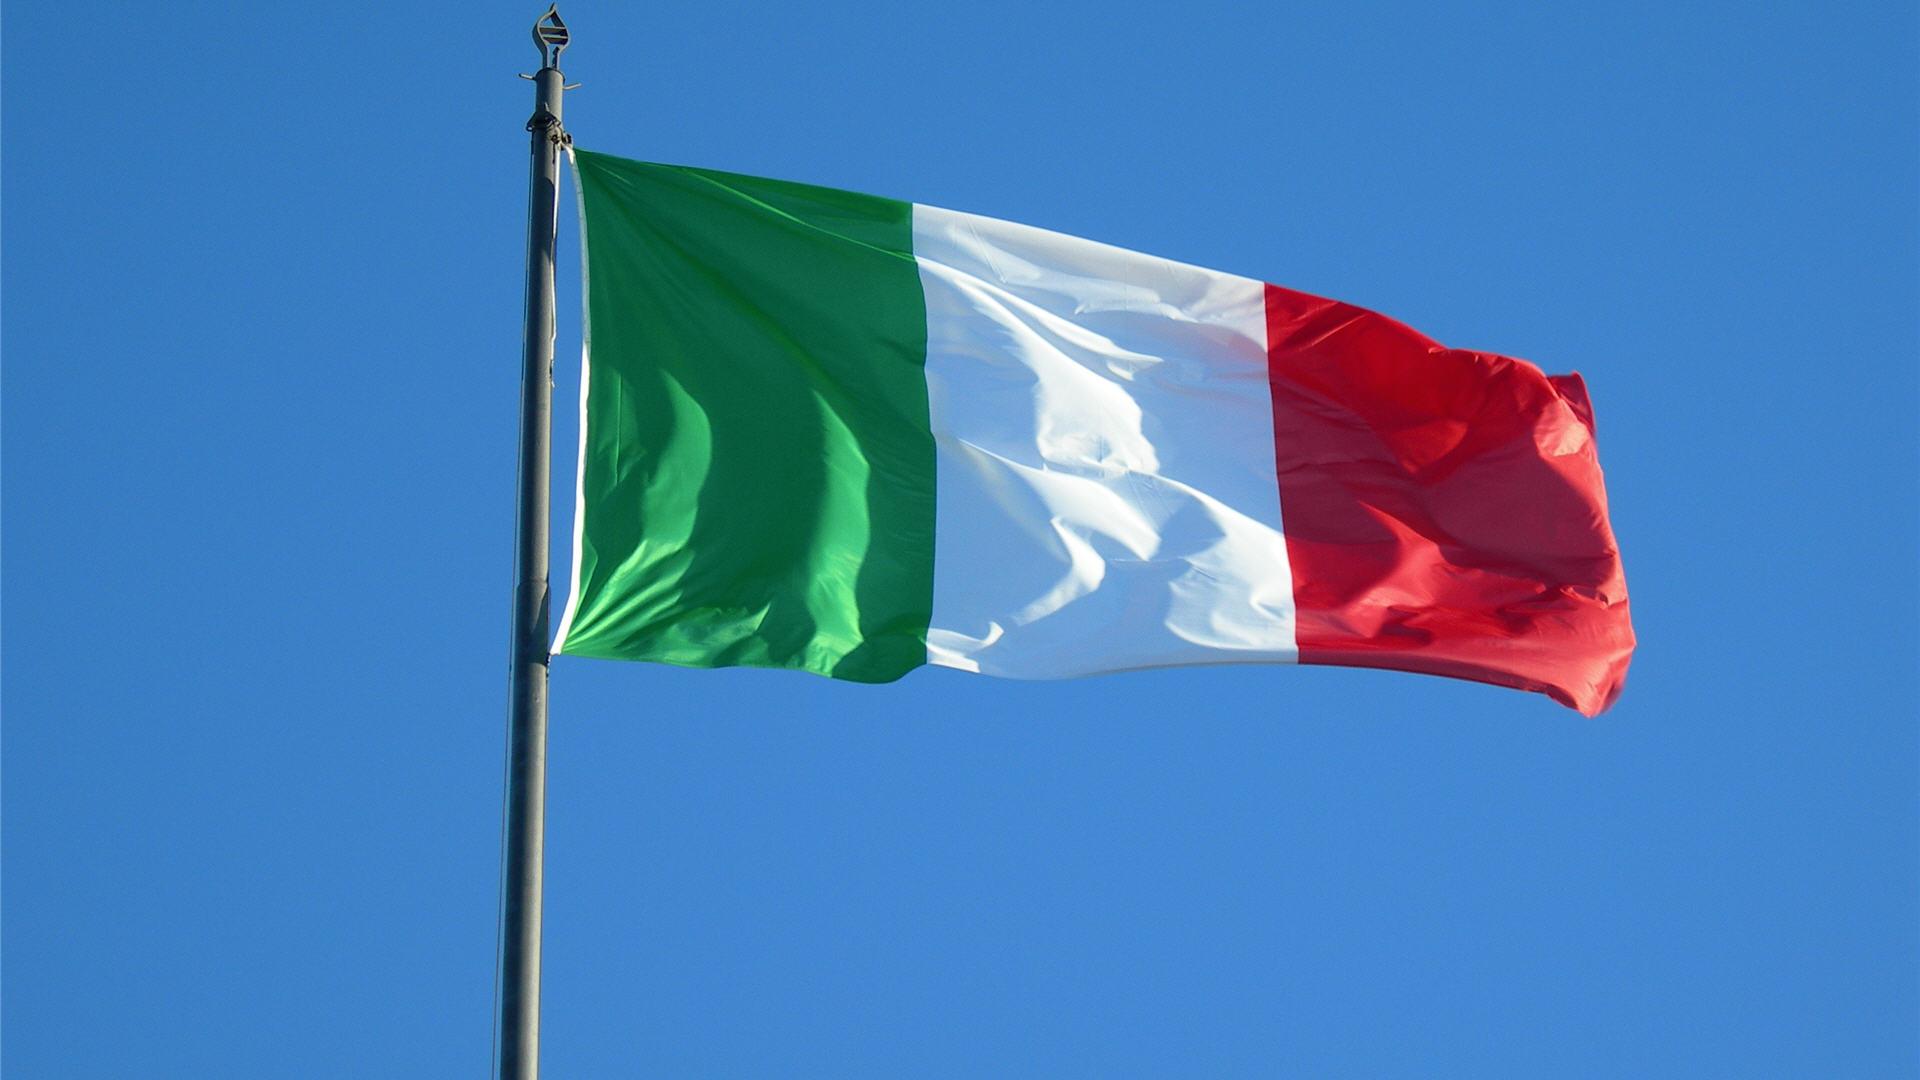 Italija: Glasanje o nepovjerenju Vladi 20. avgusta